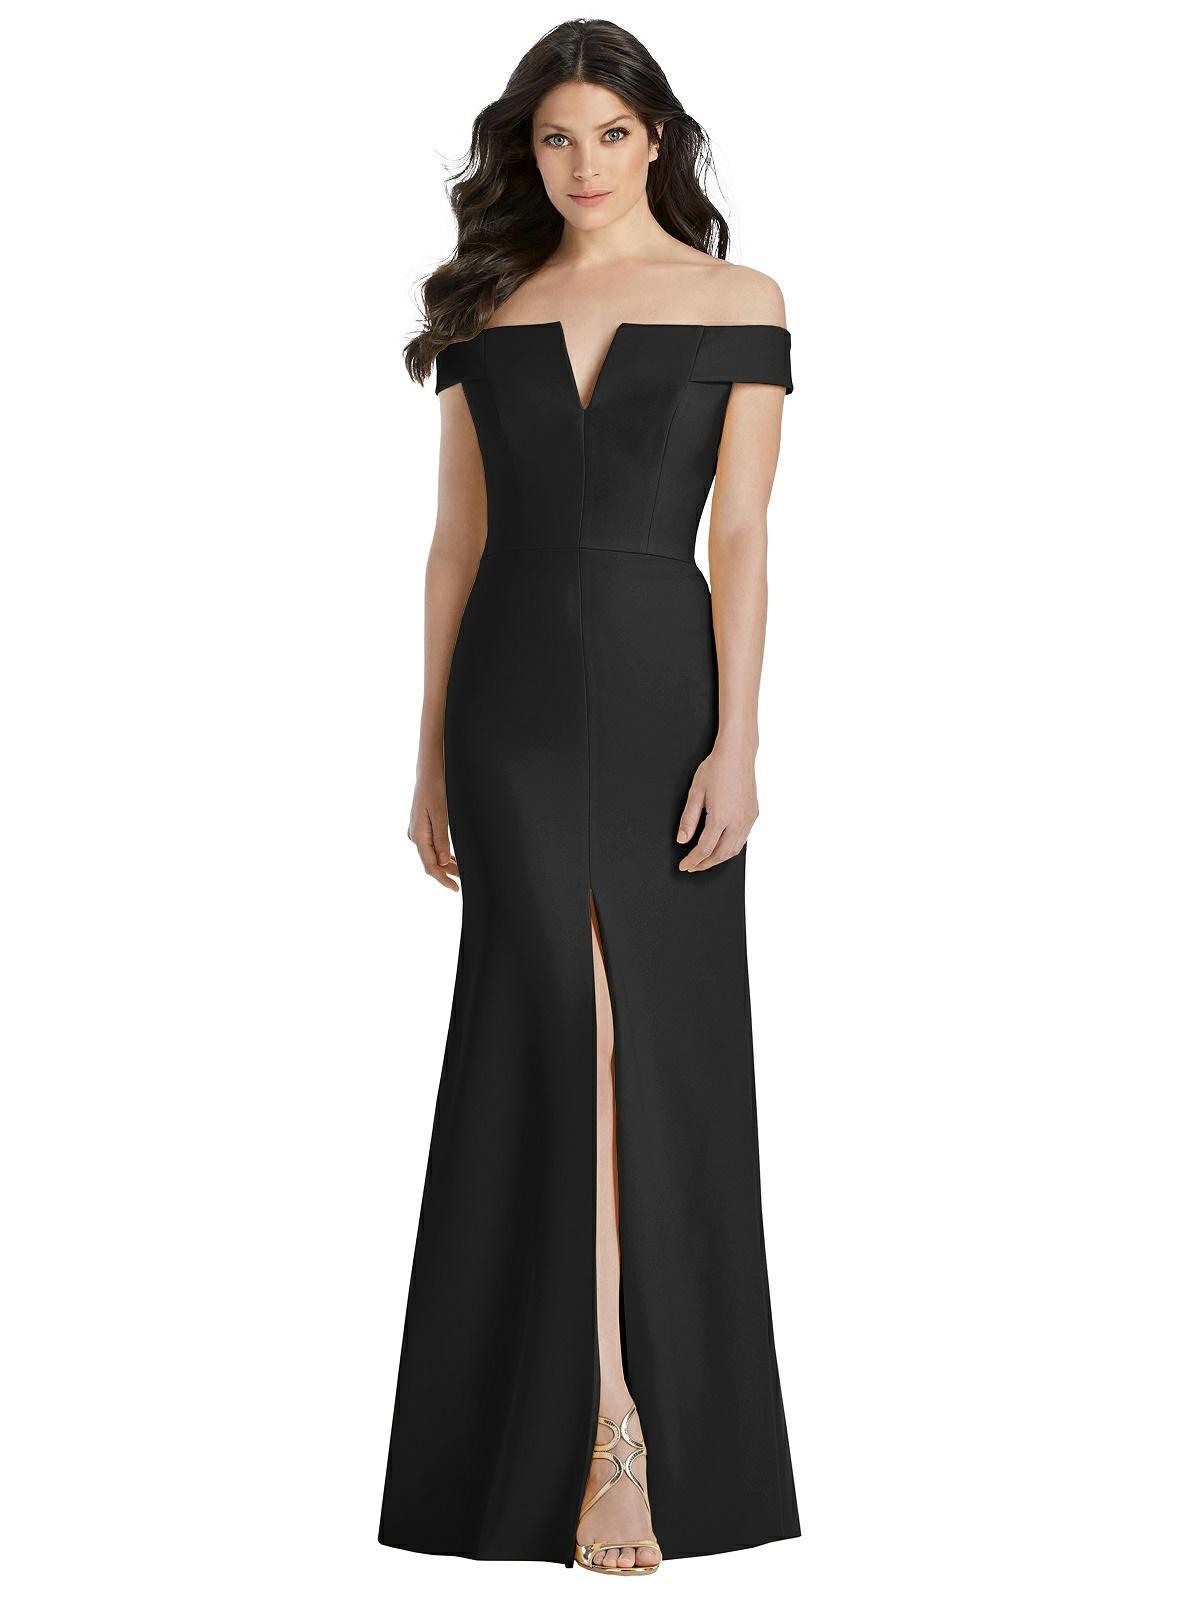 Nicola Black Bridesmaids Dress by Dessy